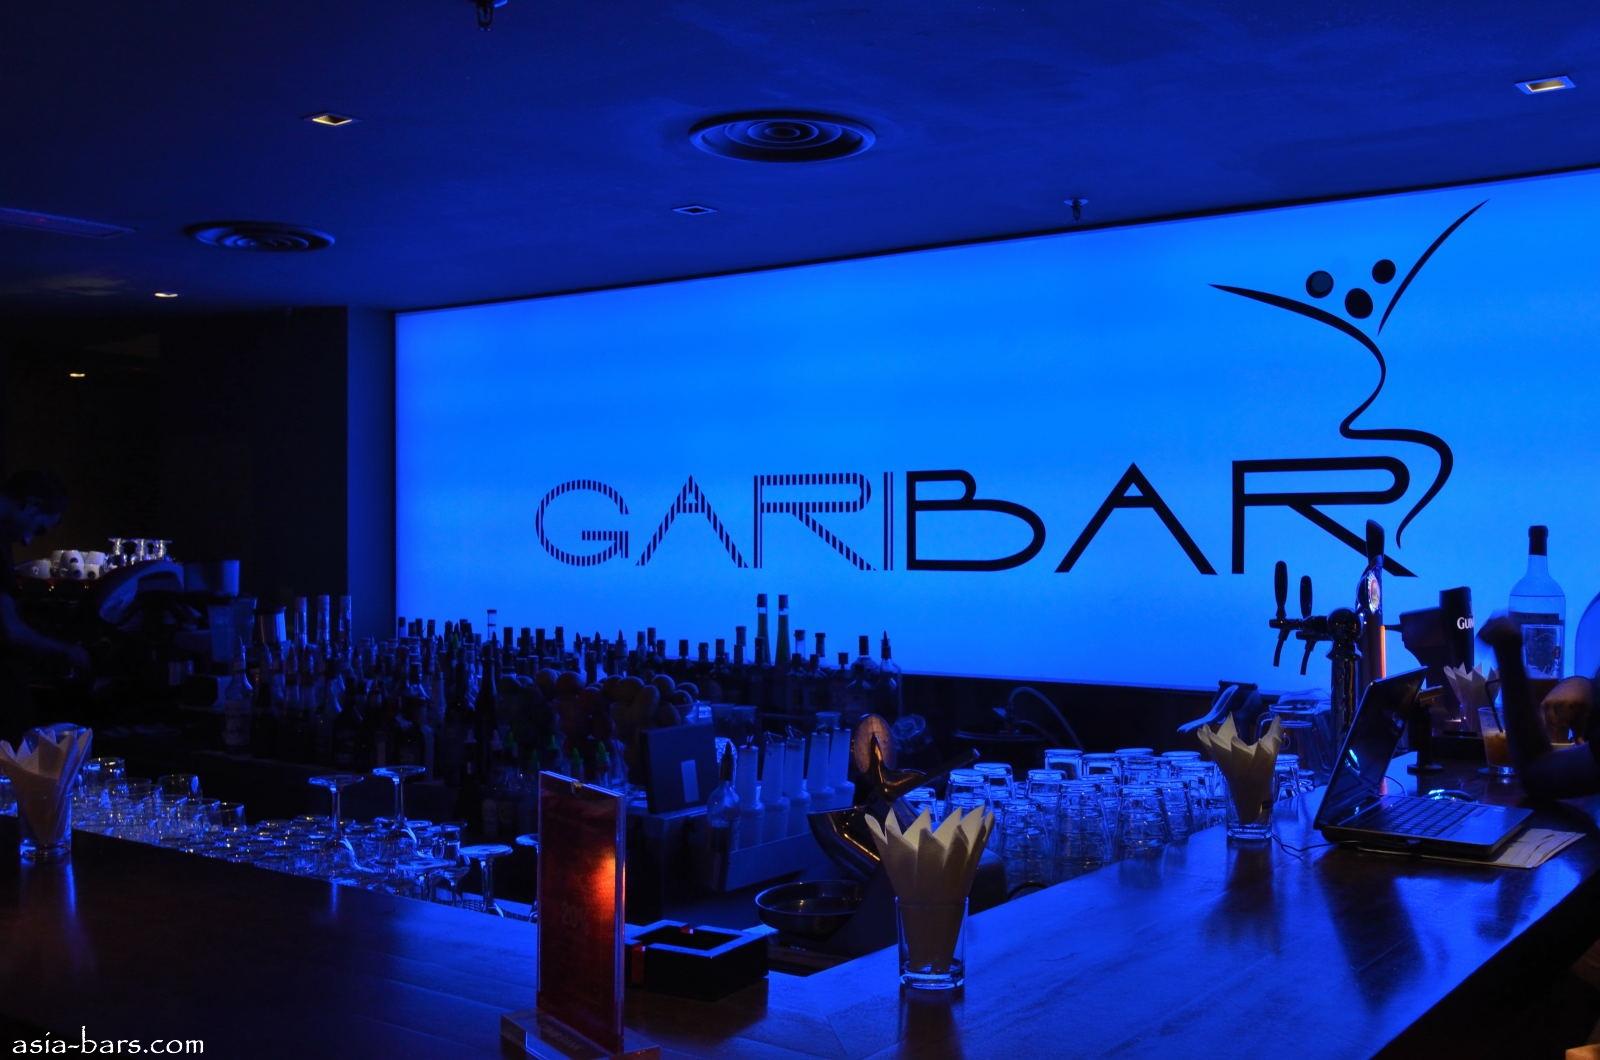 GARIBAR- fashionable lounge & bar in Kuala Lumpur- adding a buzz ...